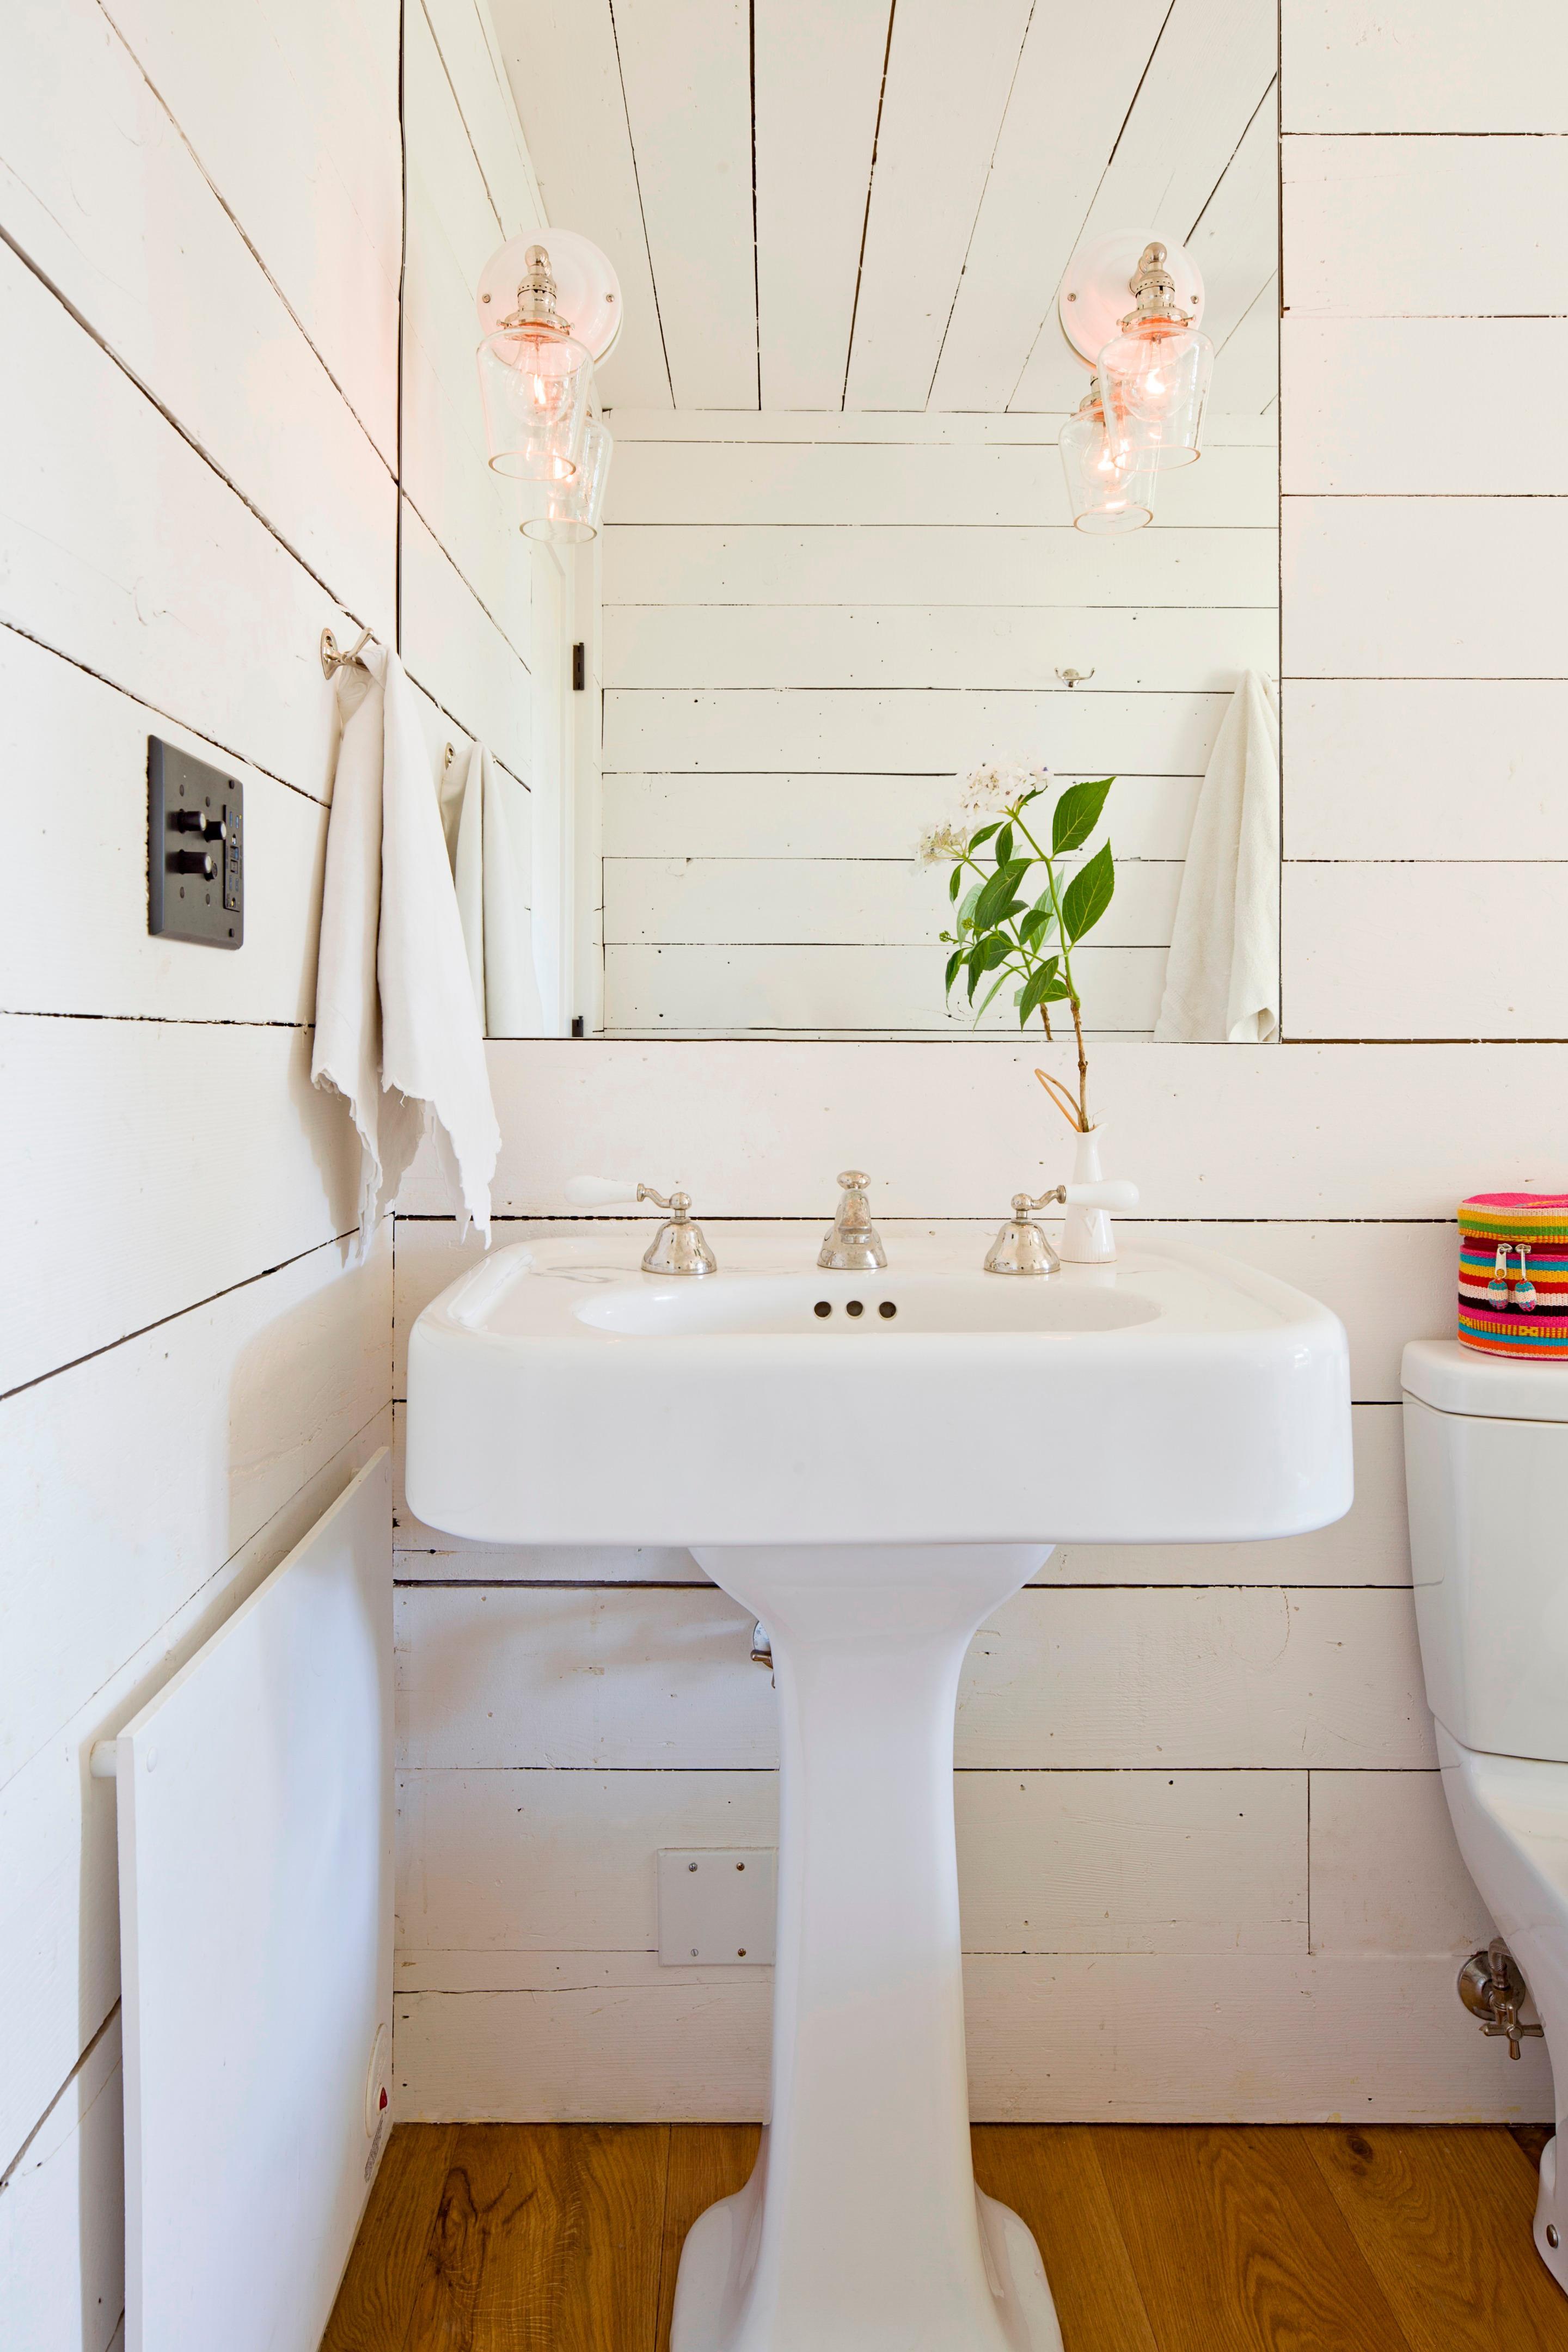 Helles Badezimmer Im Natürlichen Landhausstil #badezimmer #shabbychic  #kleinesbadezimmer ©Lincoln Barbour/Jessica